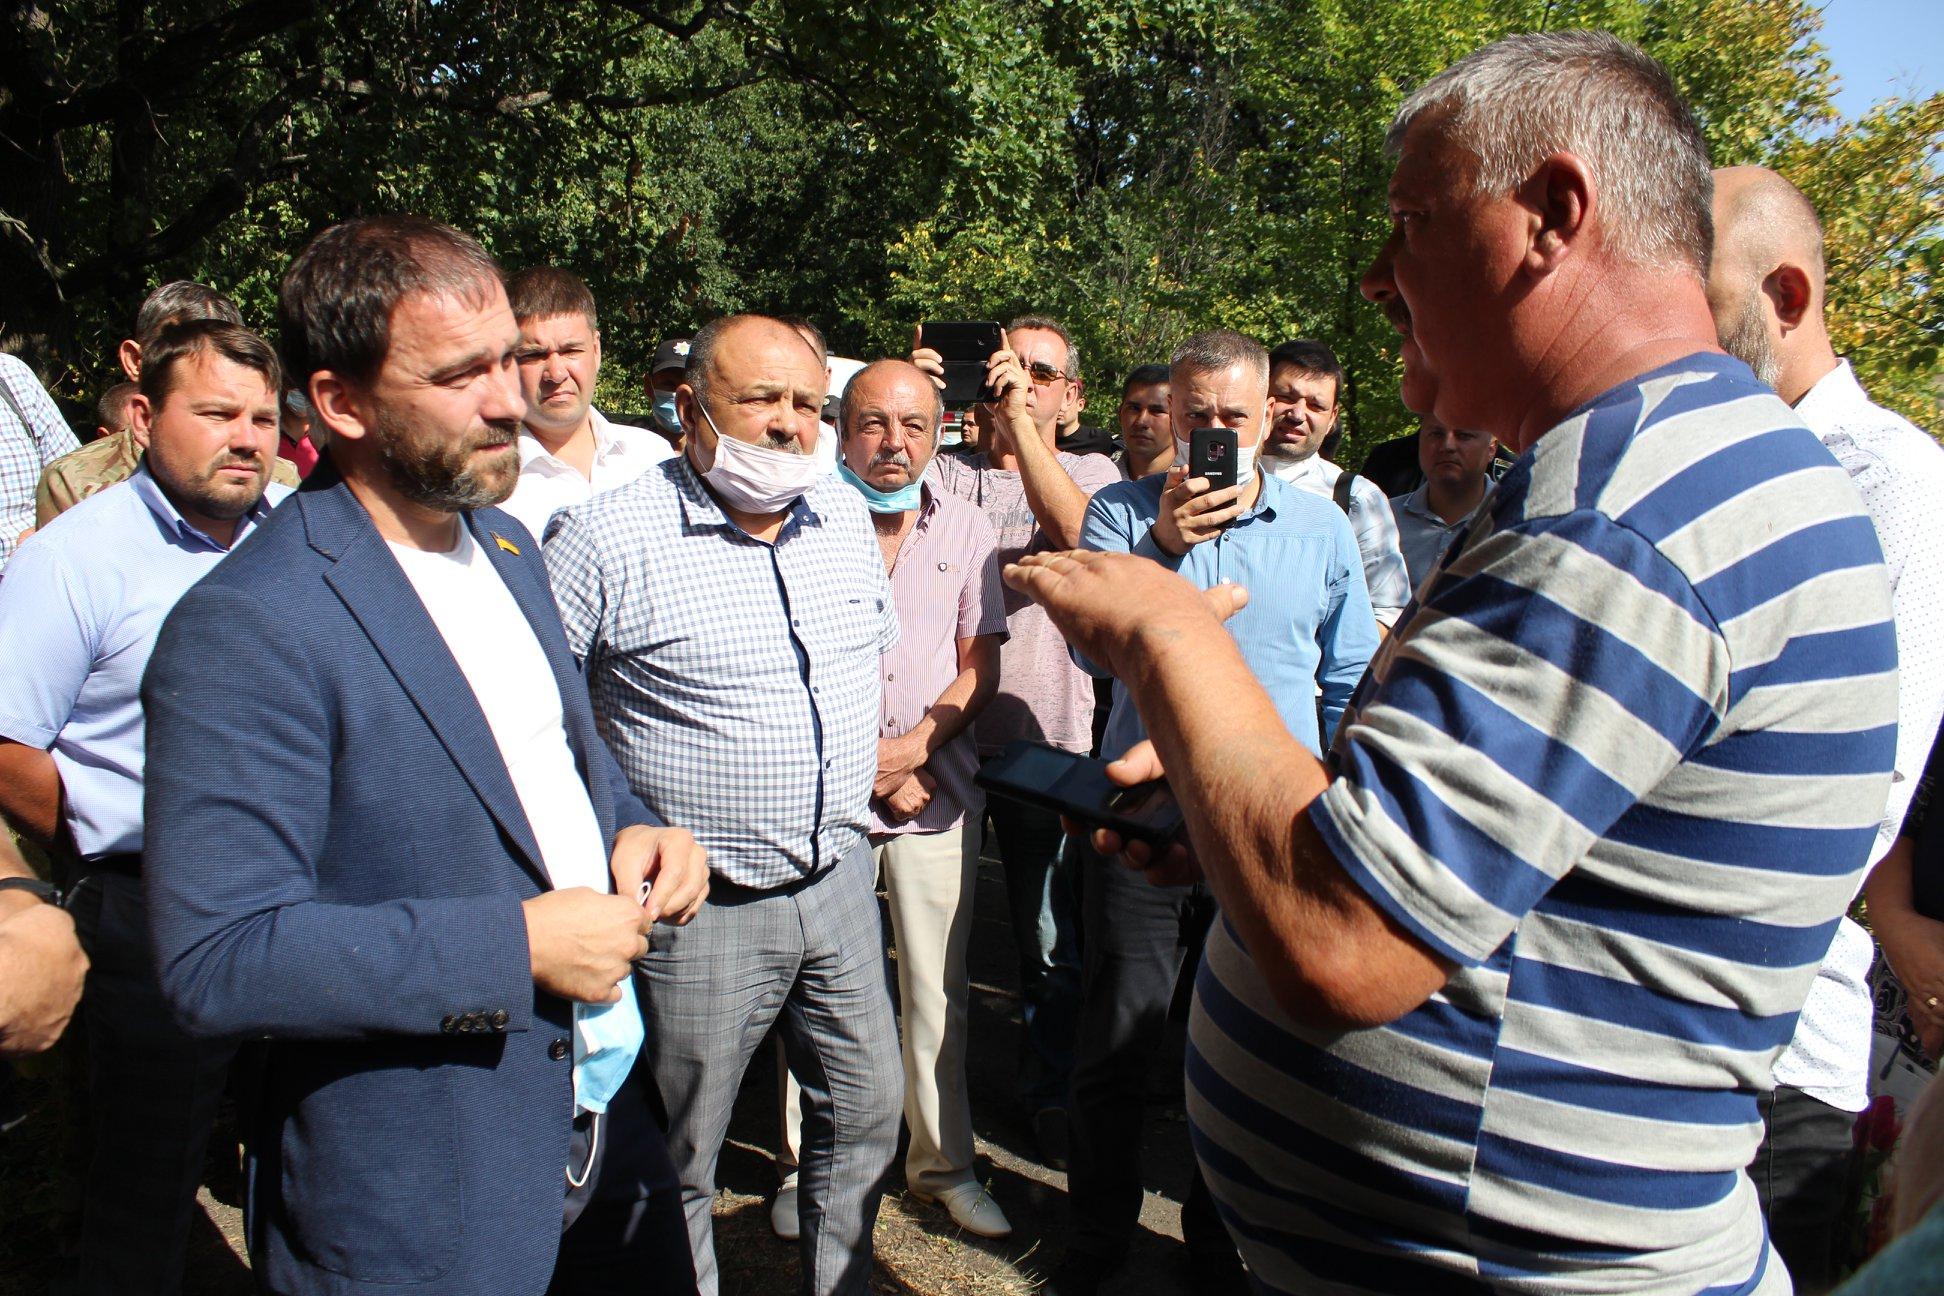 Народного депутата Романа Каптелова народ уже воспринимает как  патриарха